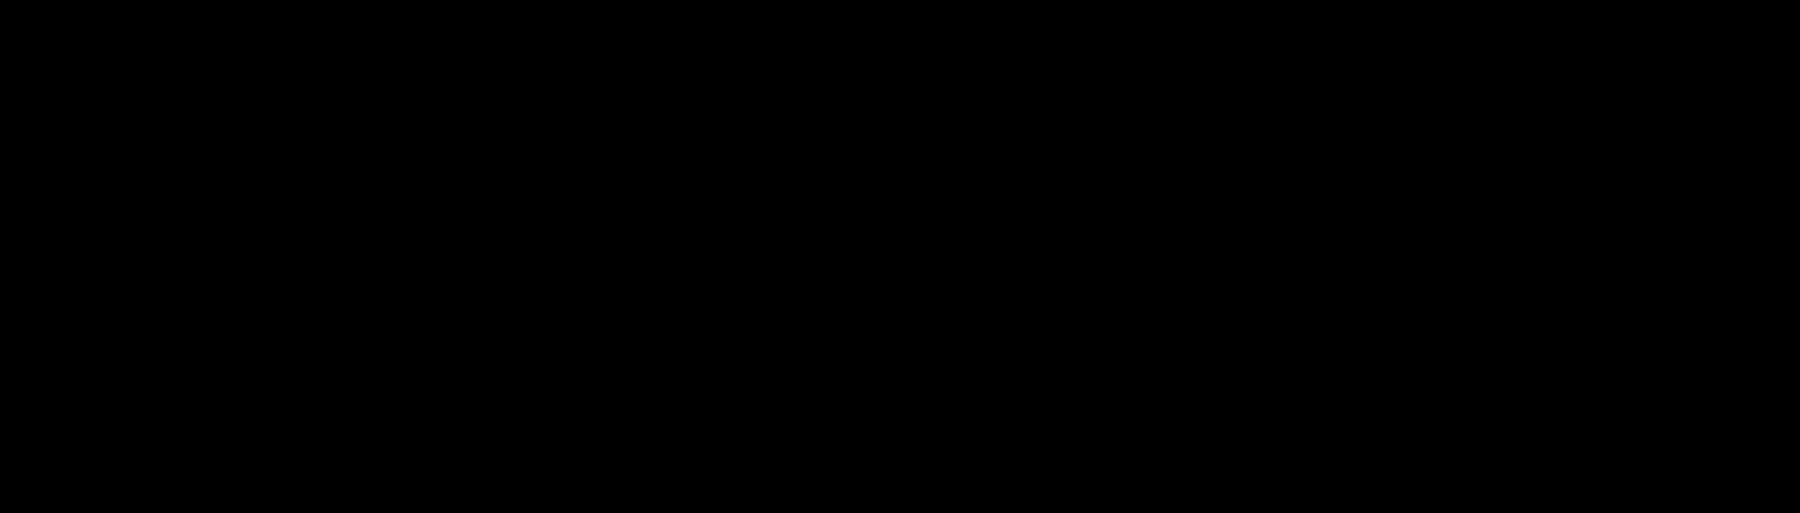 Xrnzszozihosuphezpyv